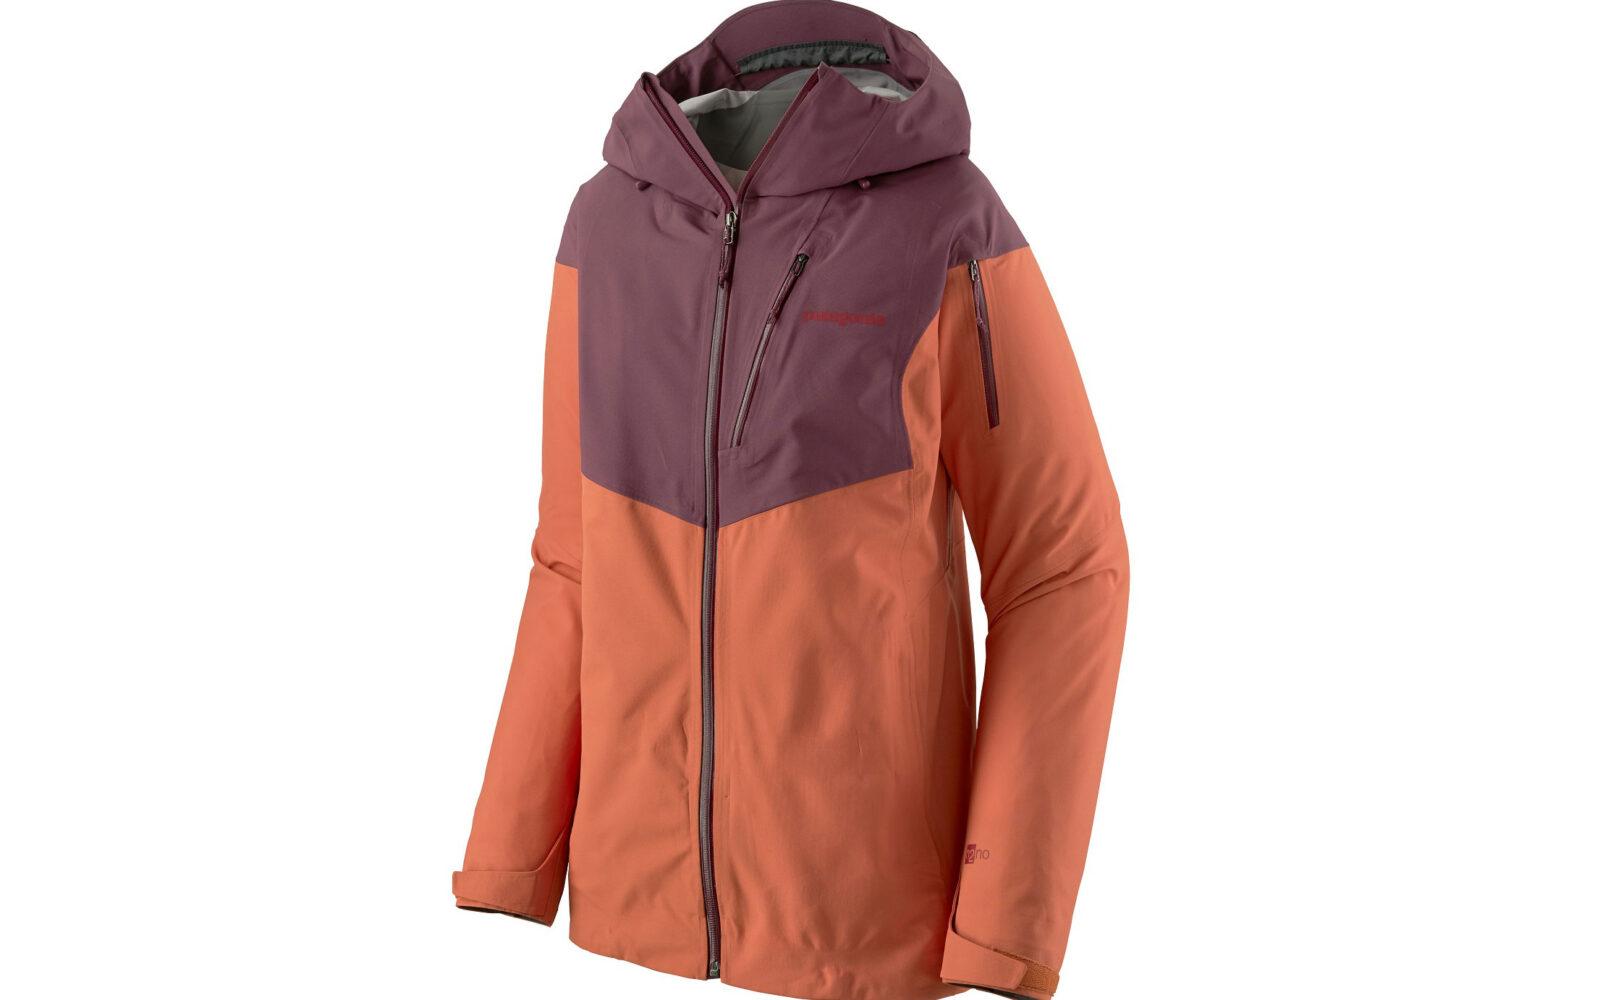 Patagonia W's SnowDrifter Jacket, per lo scialpinismo e il fuoripista, in leggero tessuto elasticizzato (70% poliestere riciclato), antivento, traspirante, trattamento idrorepellente lunga durata, fitting con multiple regolazioni. Euro 400.